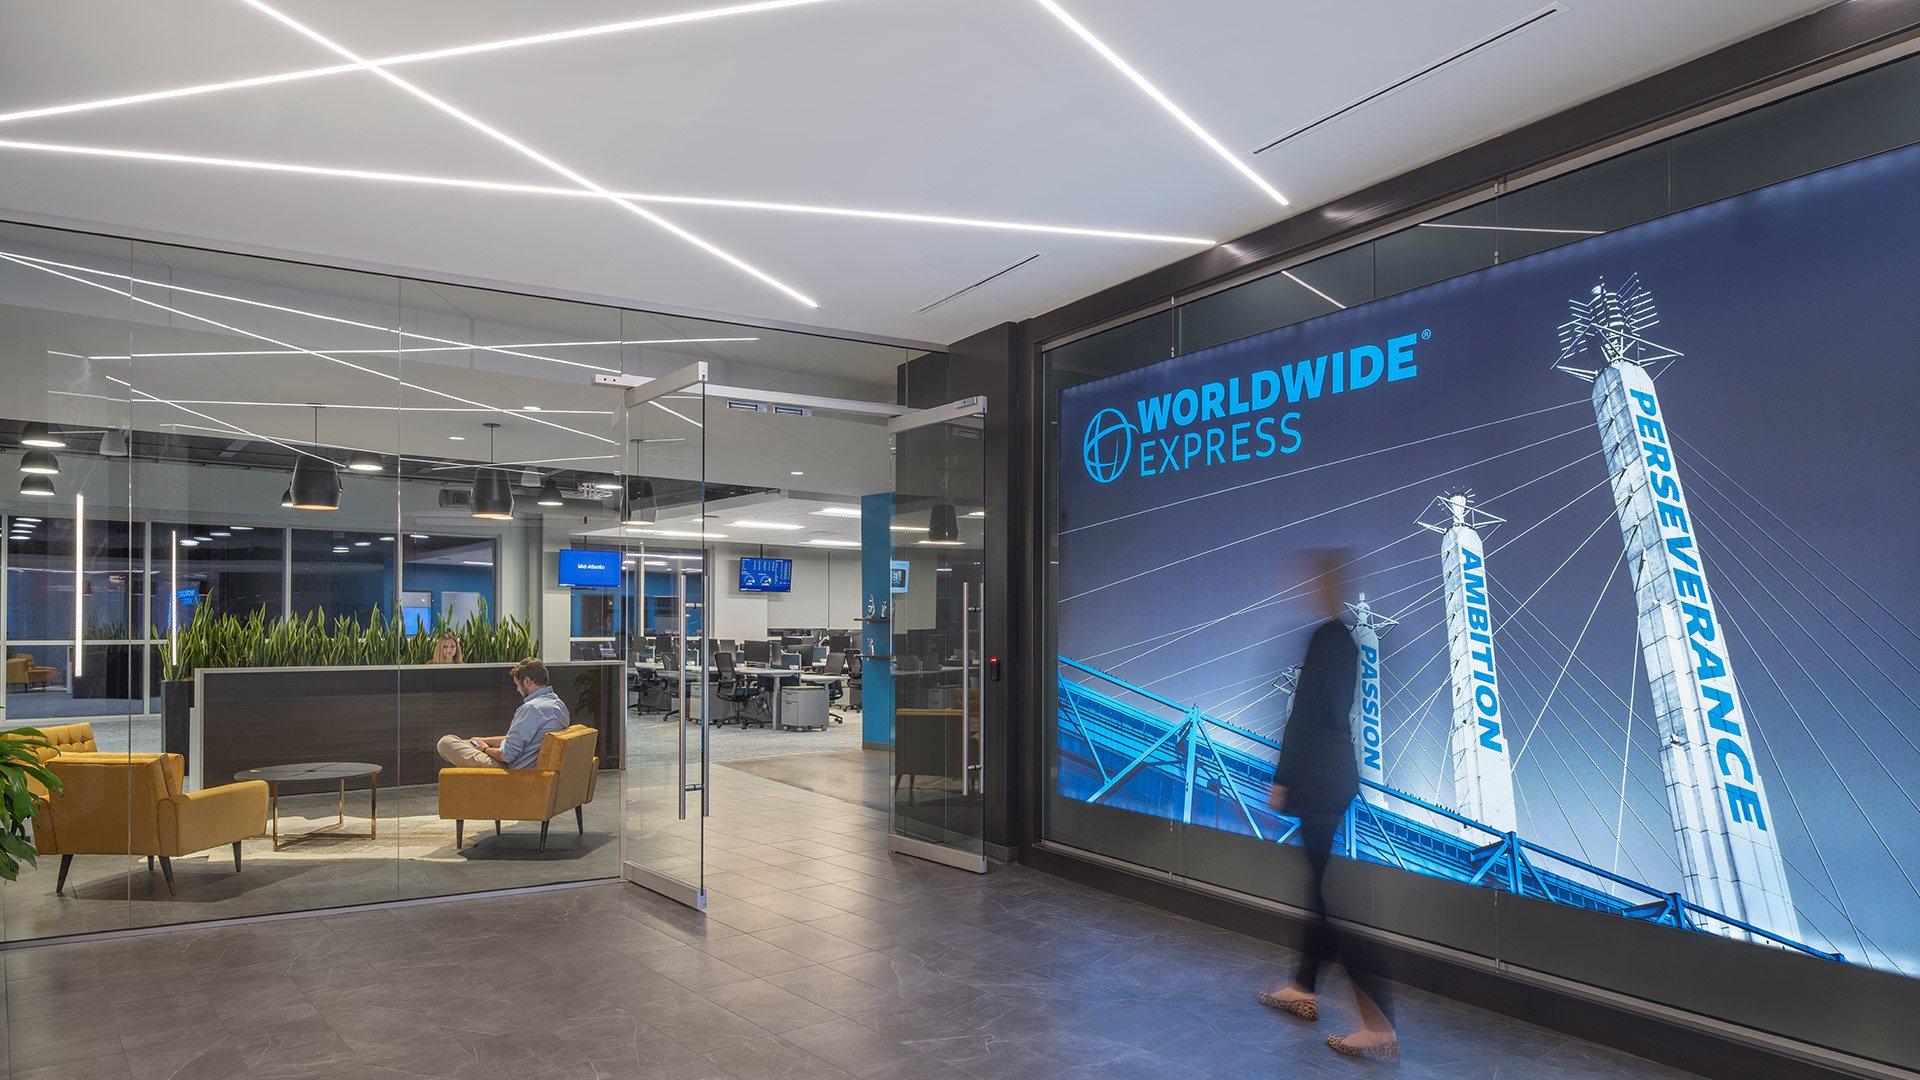 Worldwide Express Interior